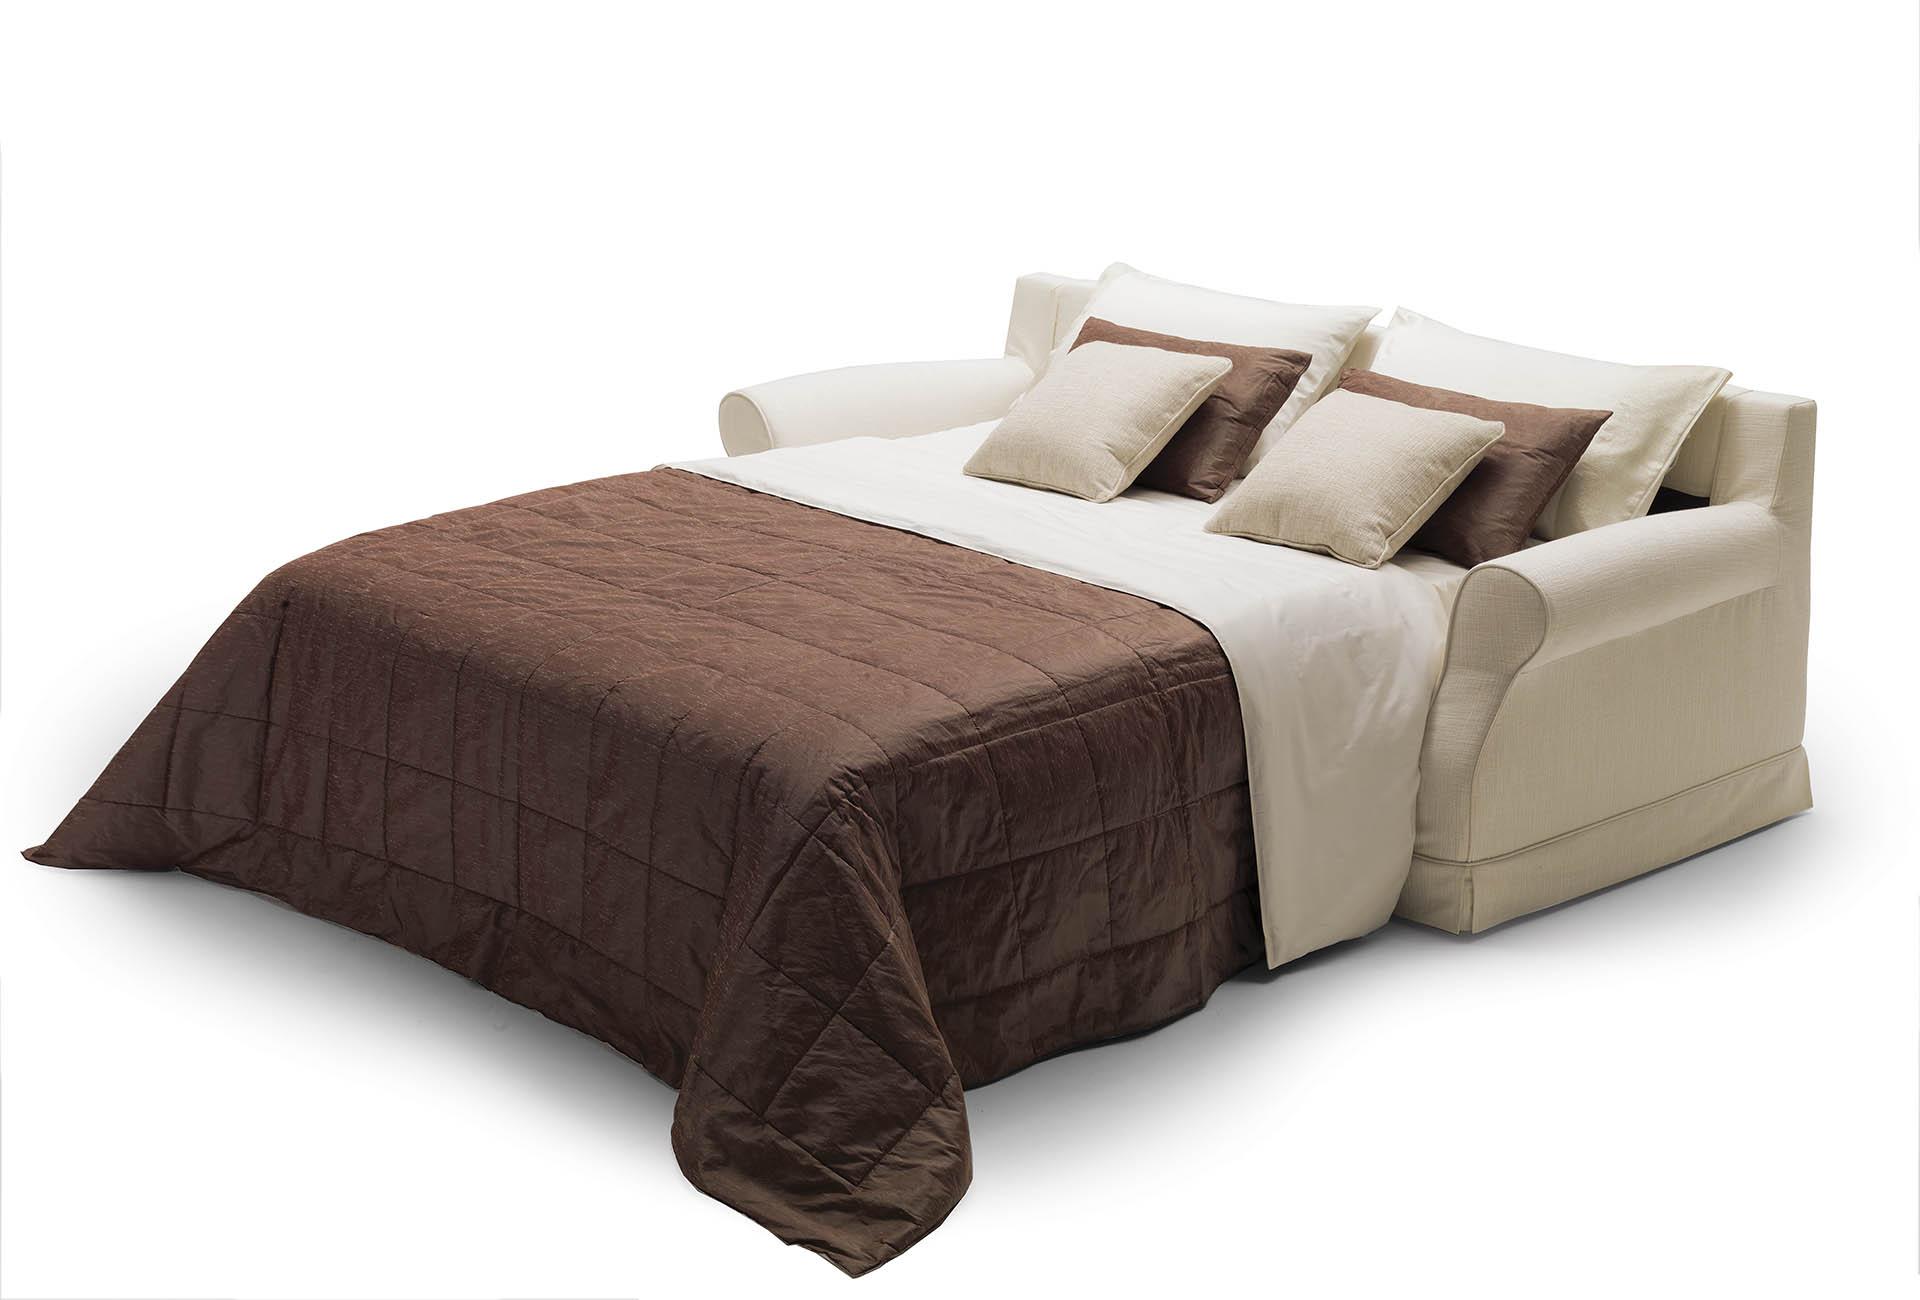 milano bedding divano letto gordon. Black Bedroom Furniture Sets. Home Design Ideas